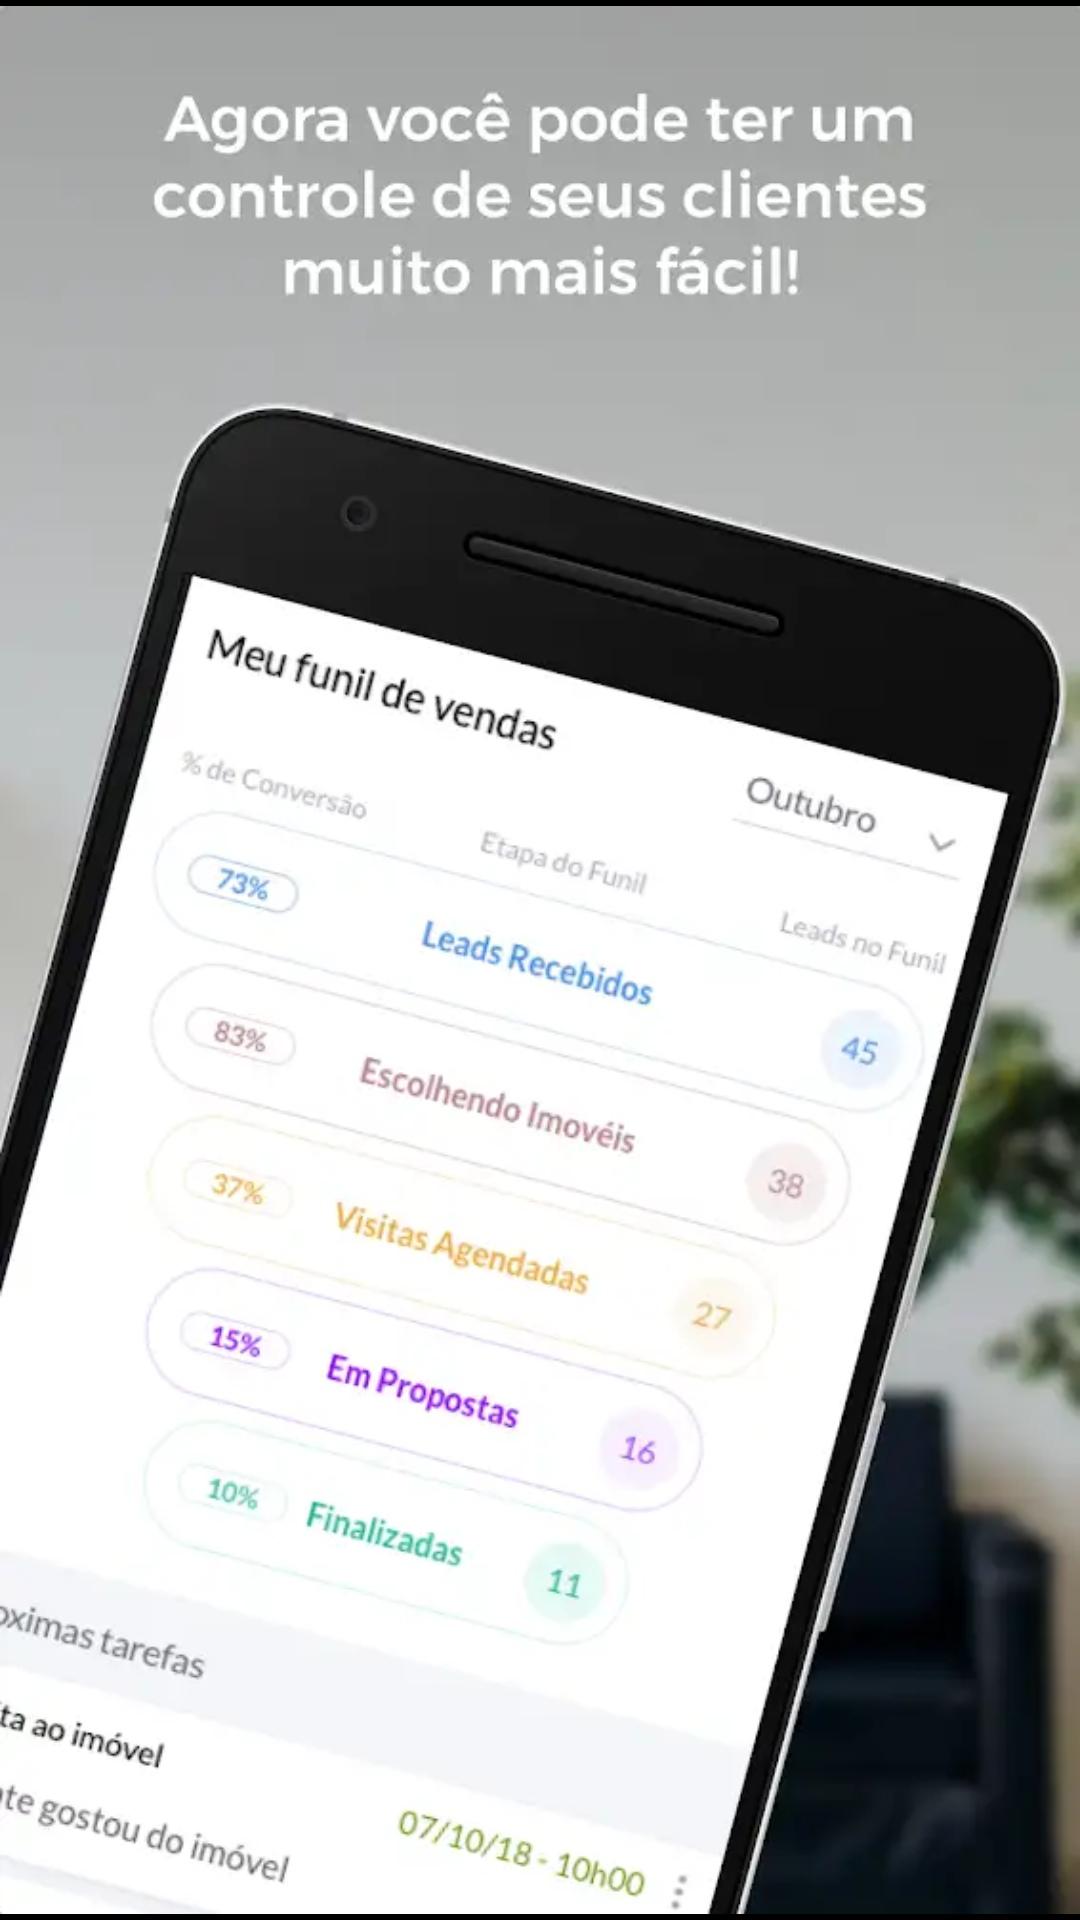 Loopimóveis.com lança aplicativo que facilita a venda de imóveis novos